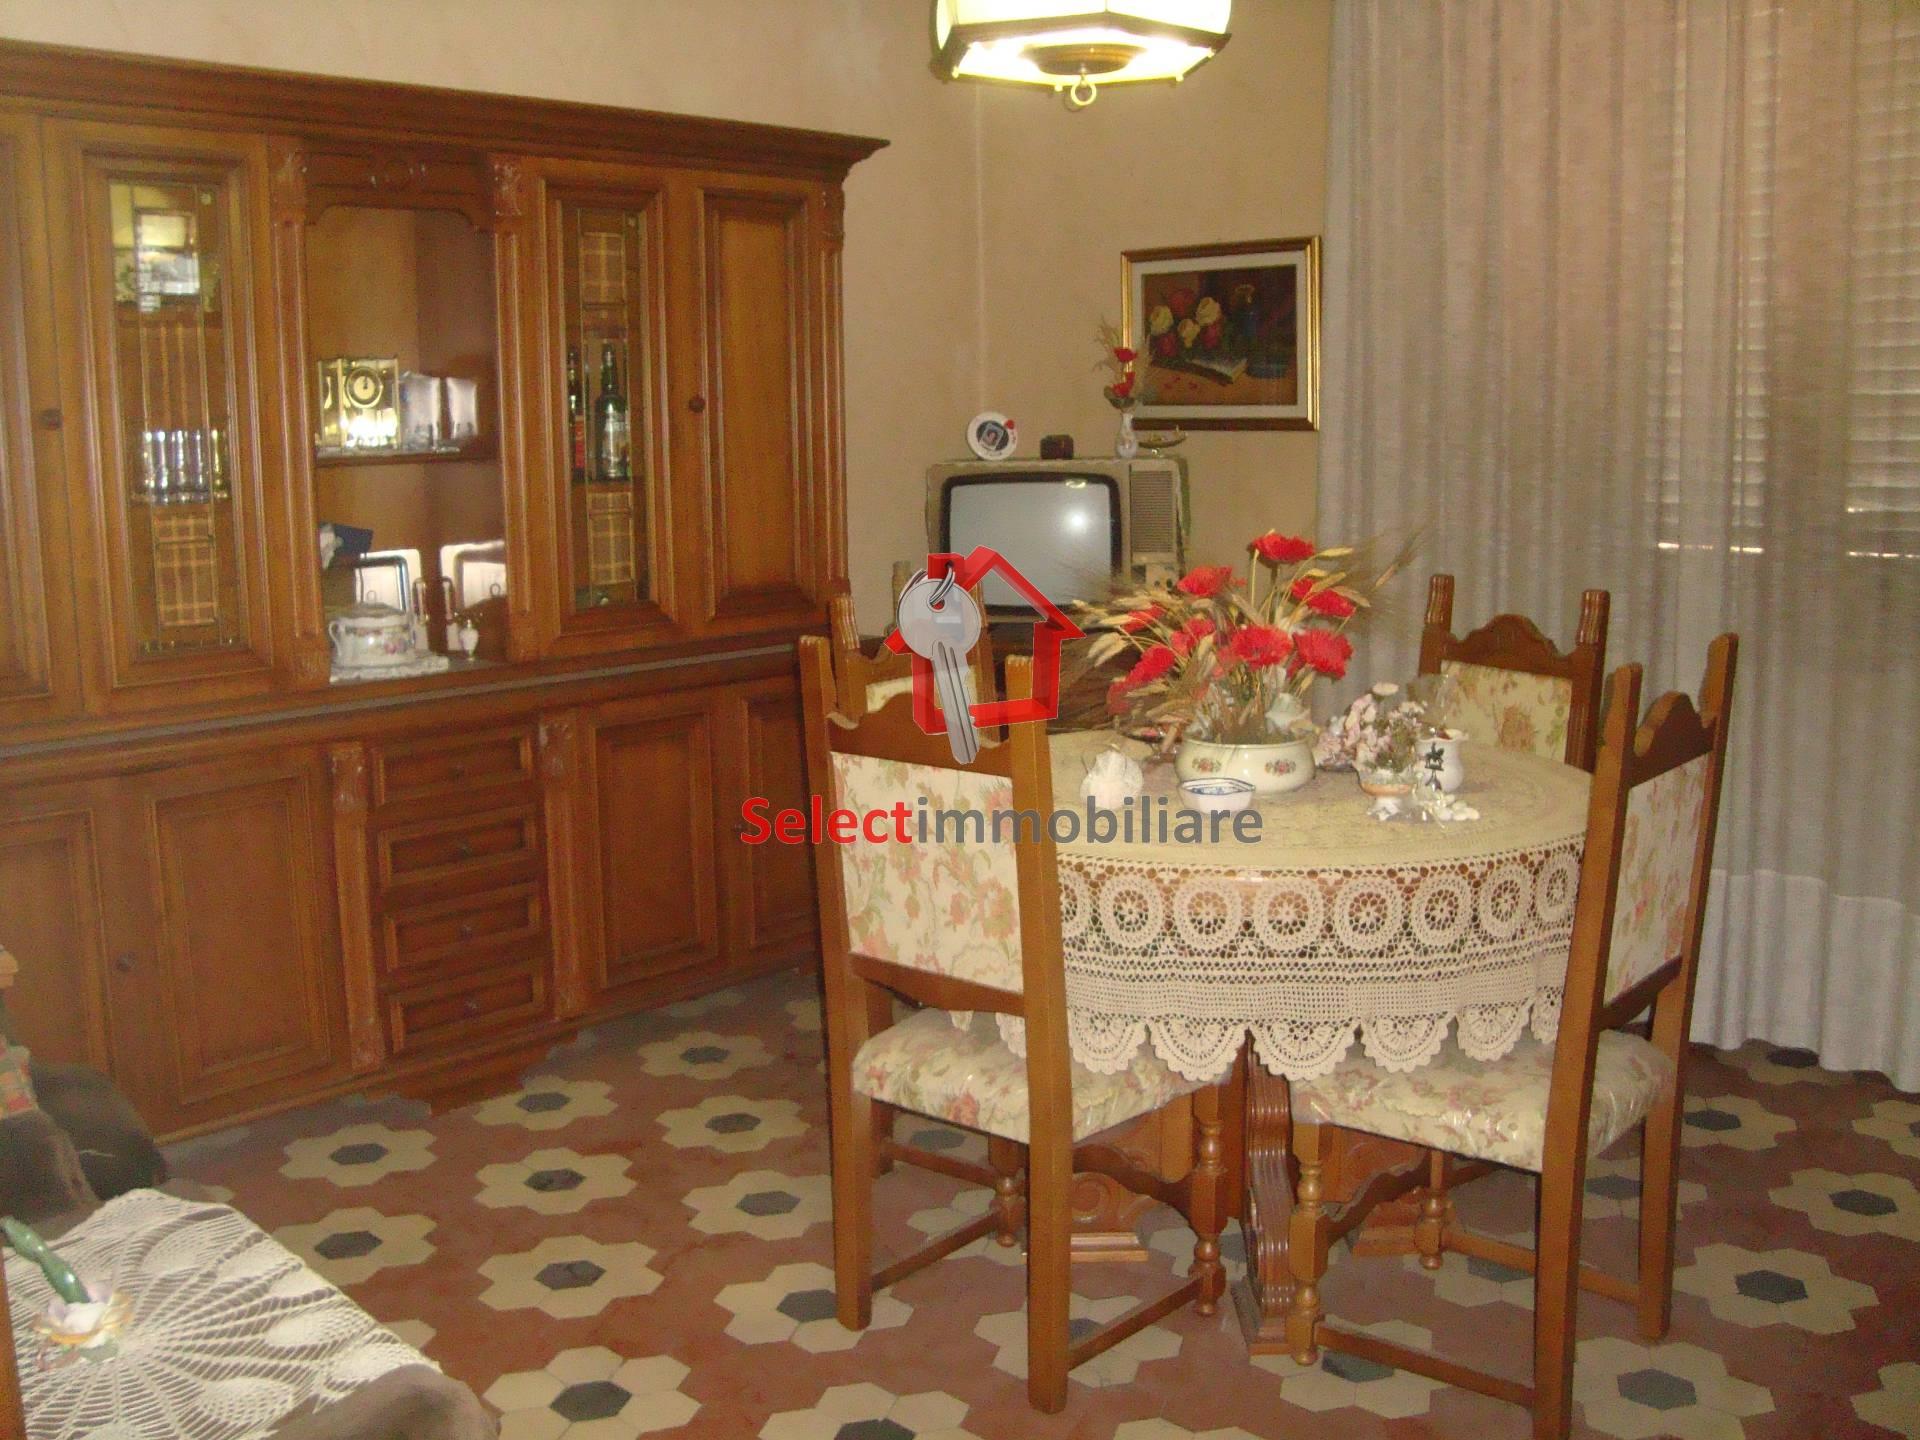 Appartamento in vendita a Borgo a Mozzano, 5 locali, zona Località: capoluogo, prezzo € 120.000 | Cambio Casa.it